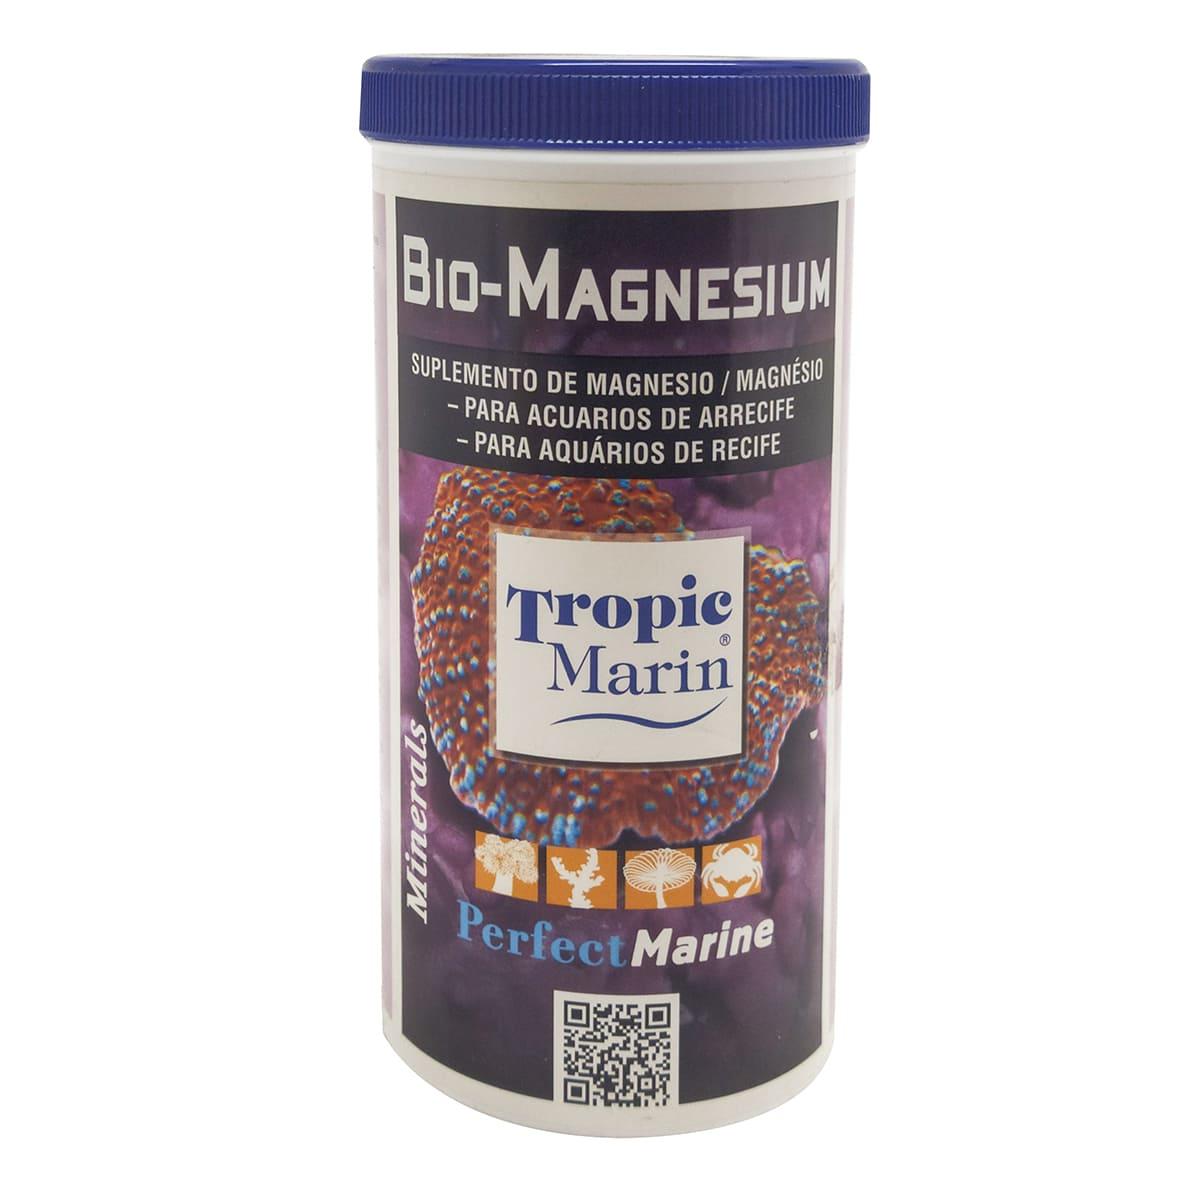 Tropic Marin Suplemento Magnésio para Corais 450g